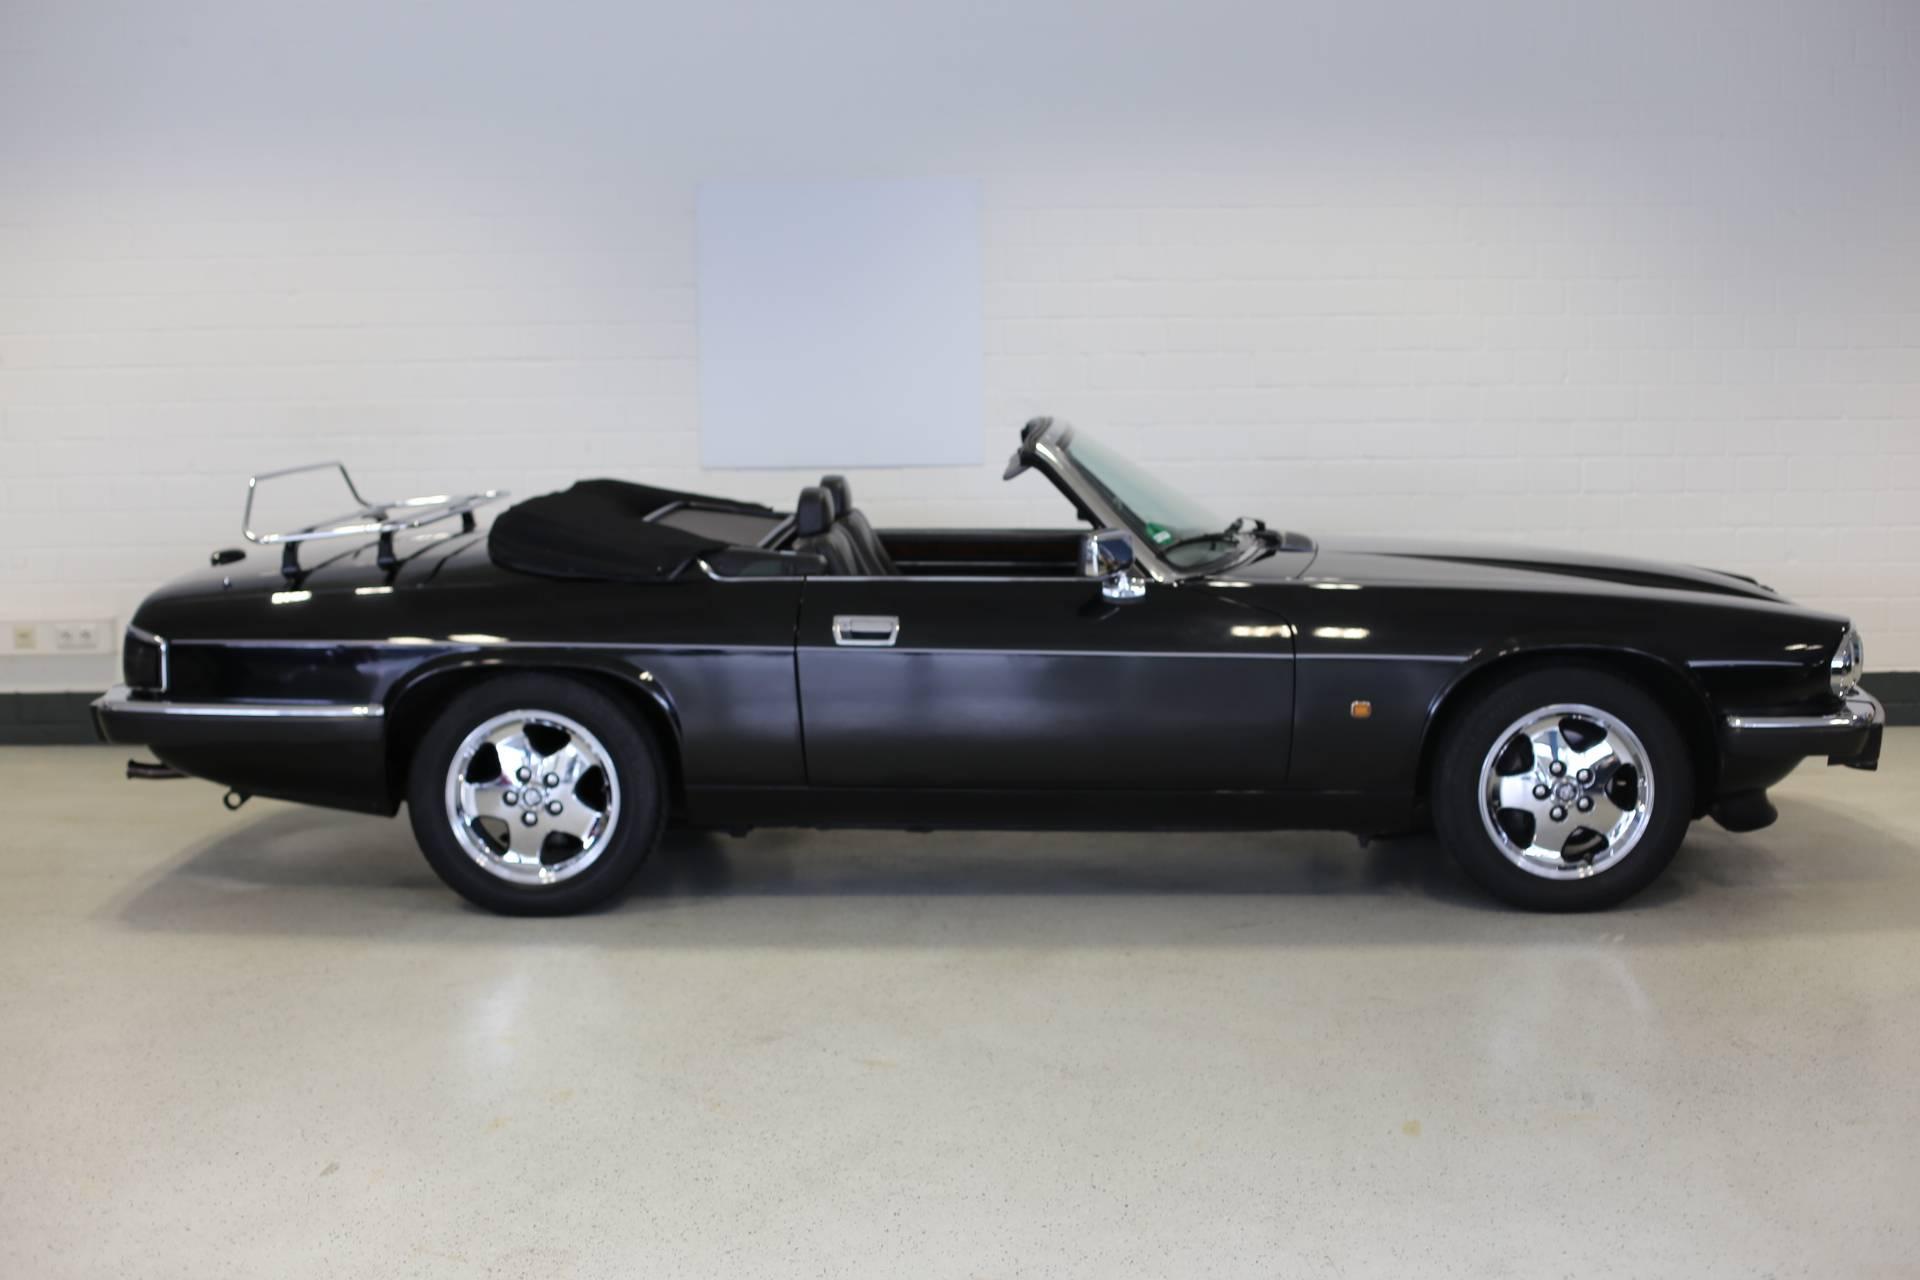 jaguar xjs 4 0 1992 f r chf 36 39 156 kaufen. Black Bedroom Furniture Sets. Home Design Ideas